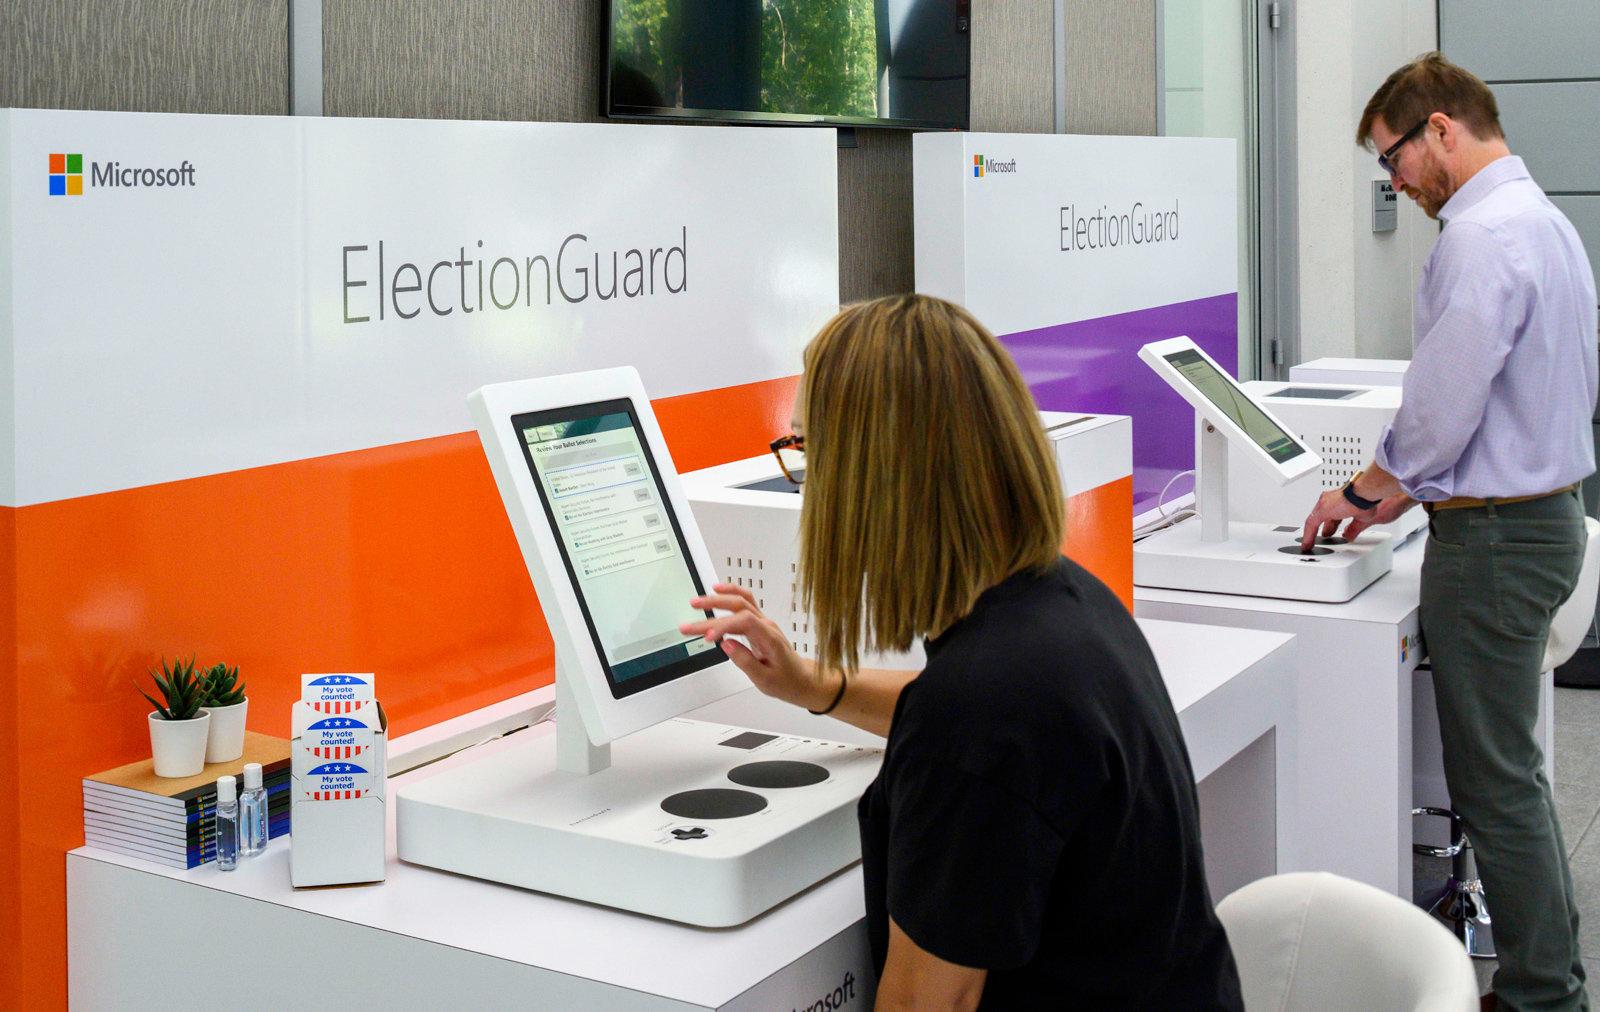 Microsoft offre des primes pour la découverte de bugs sur son logiciel électoral